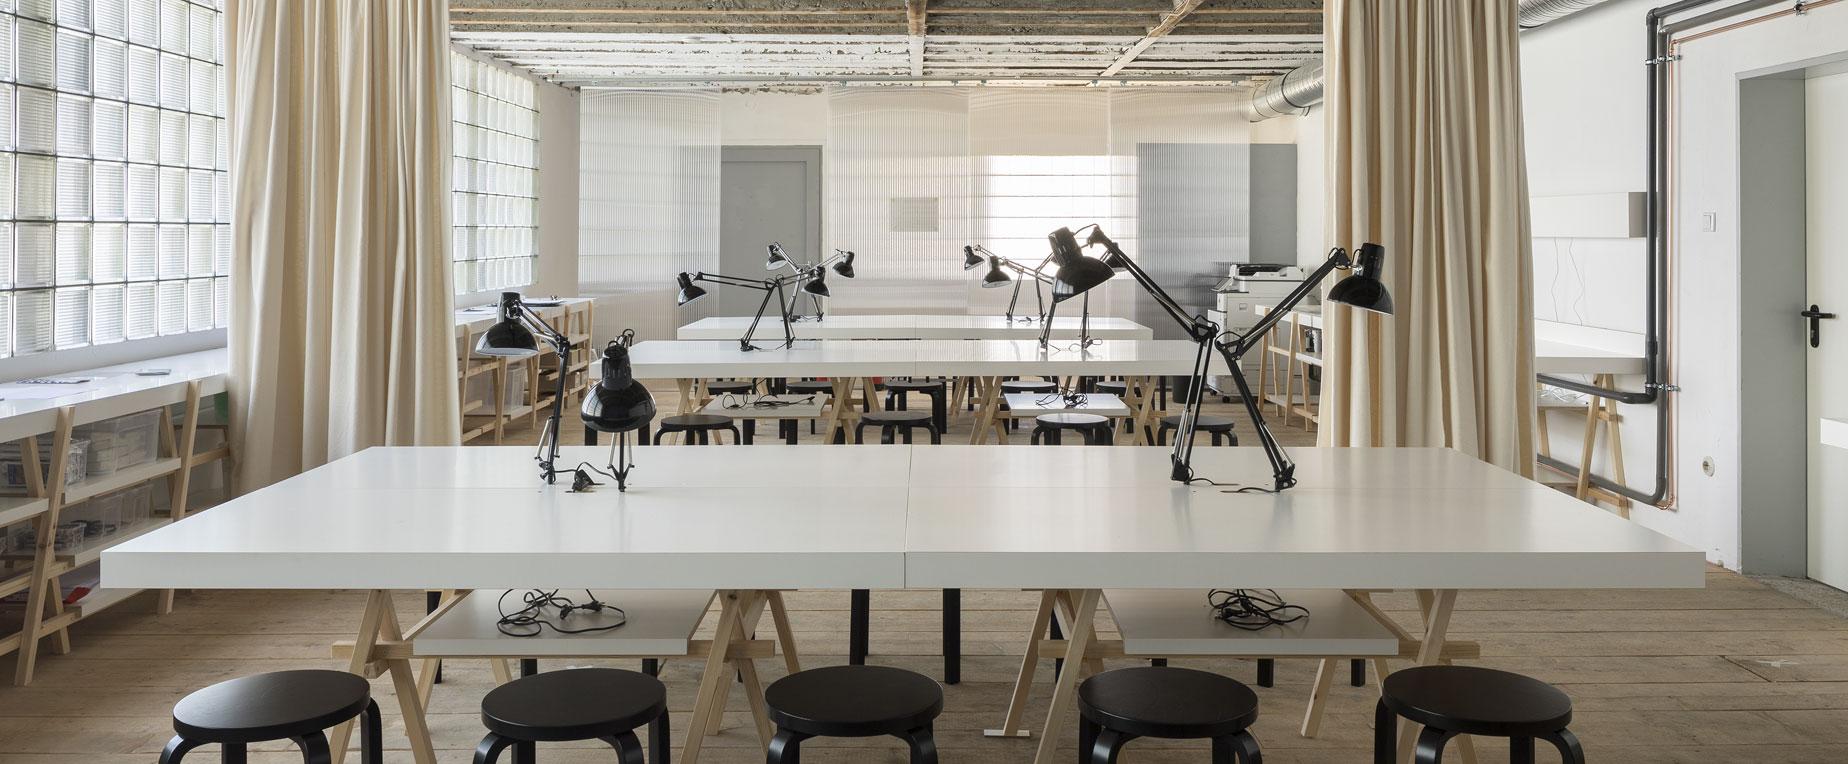 Architekturbüro Münster start modulorbeat architekten münster